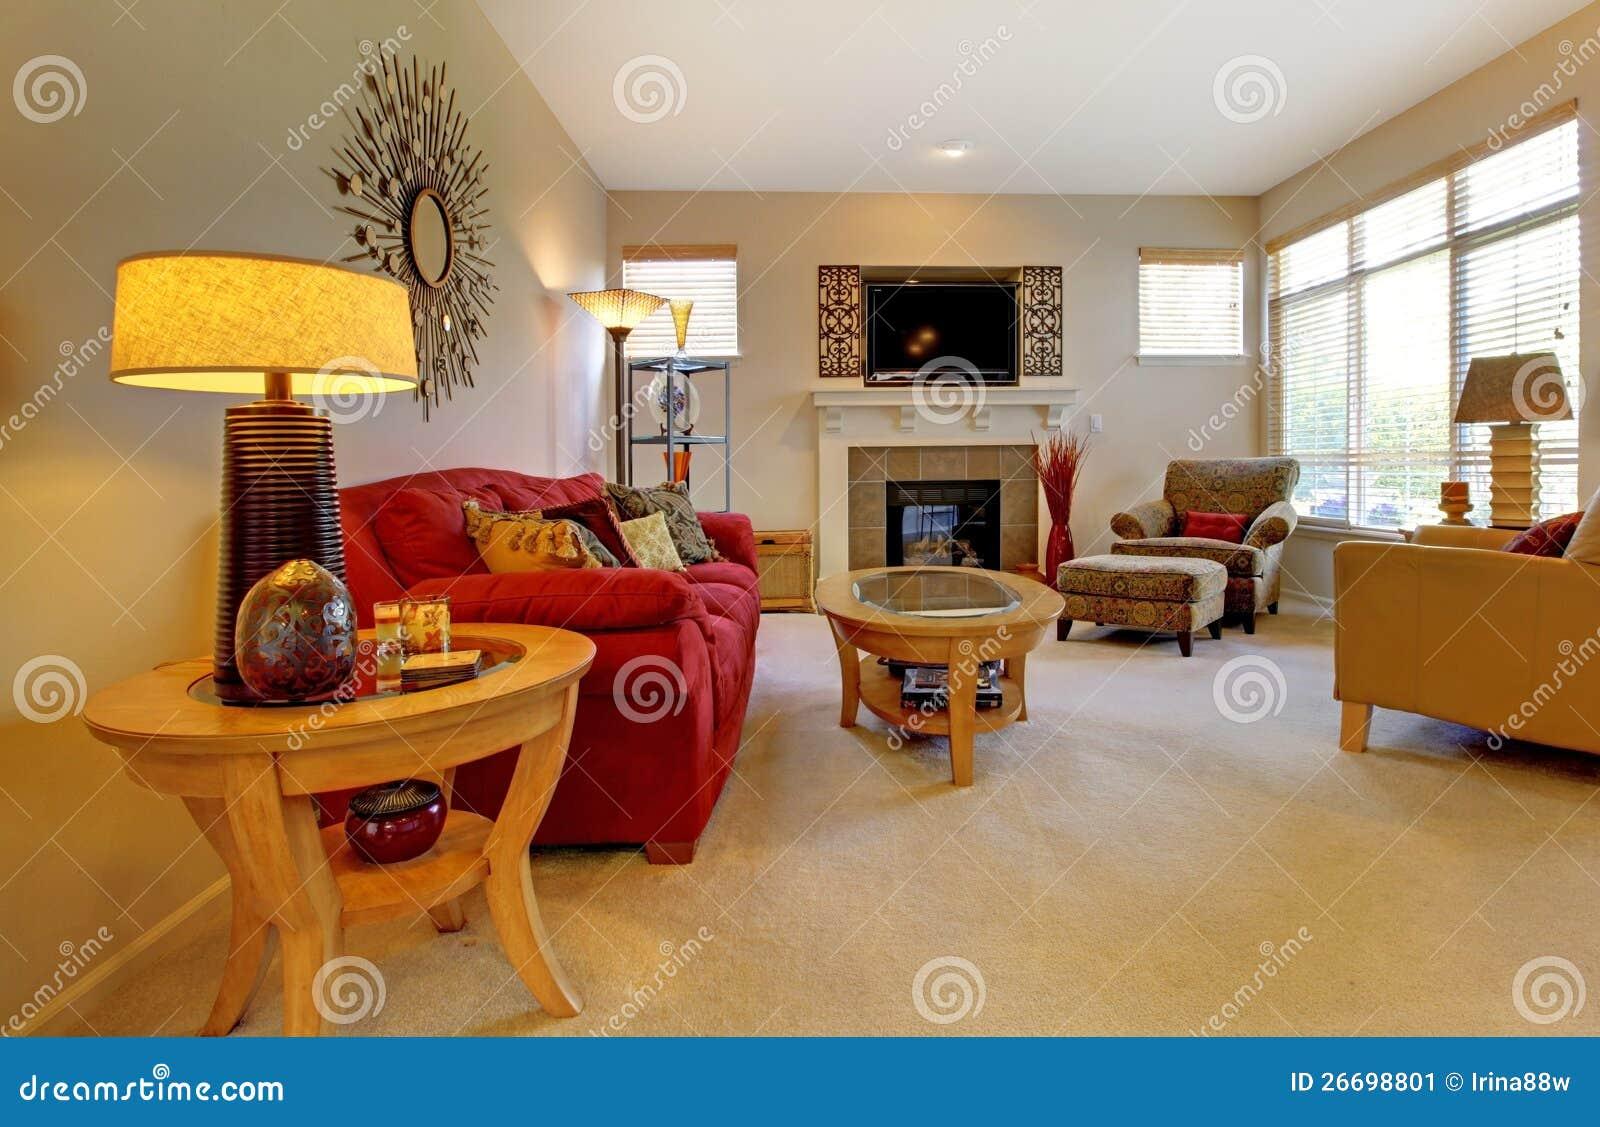 Elegantes wohnzimmer mit rotem sofa kamin fernsehapparat und vielen